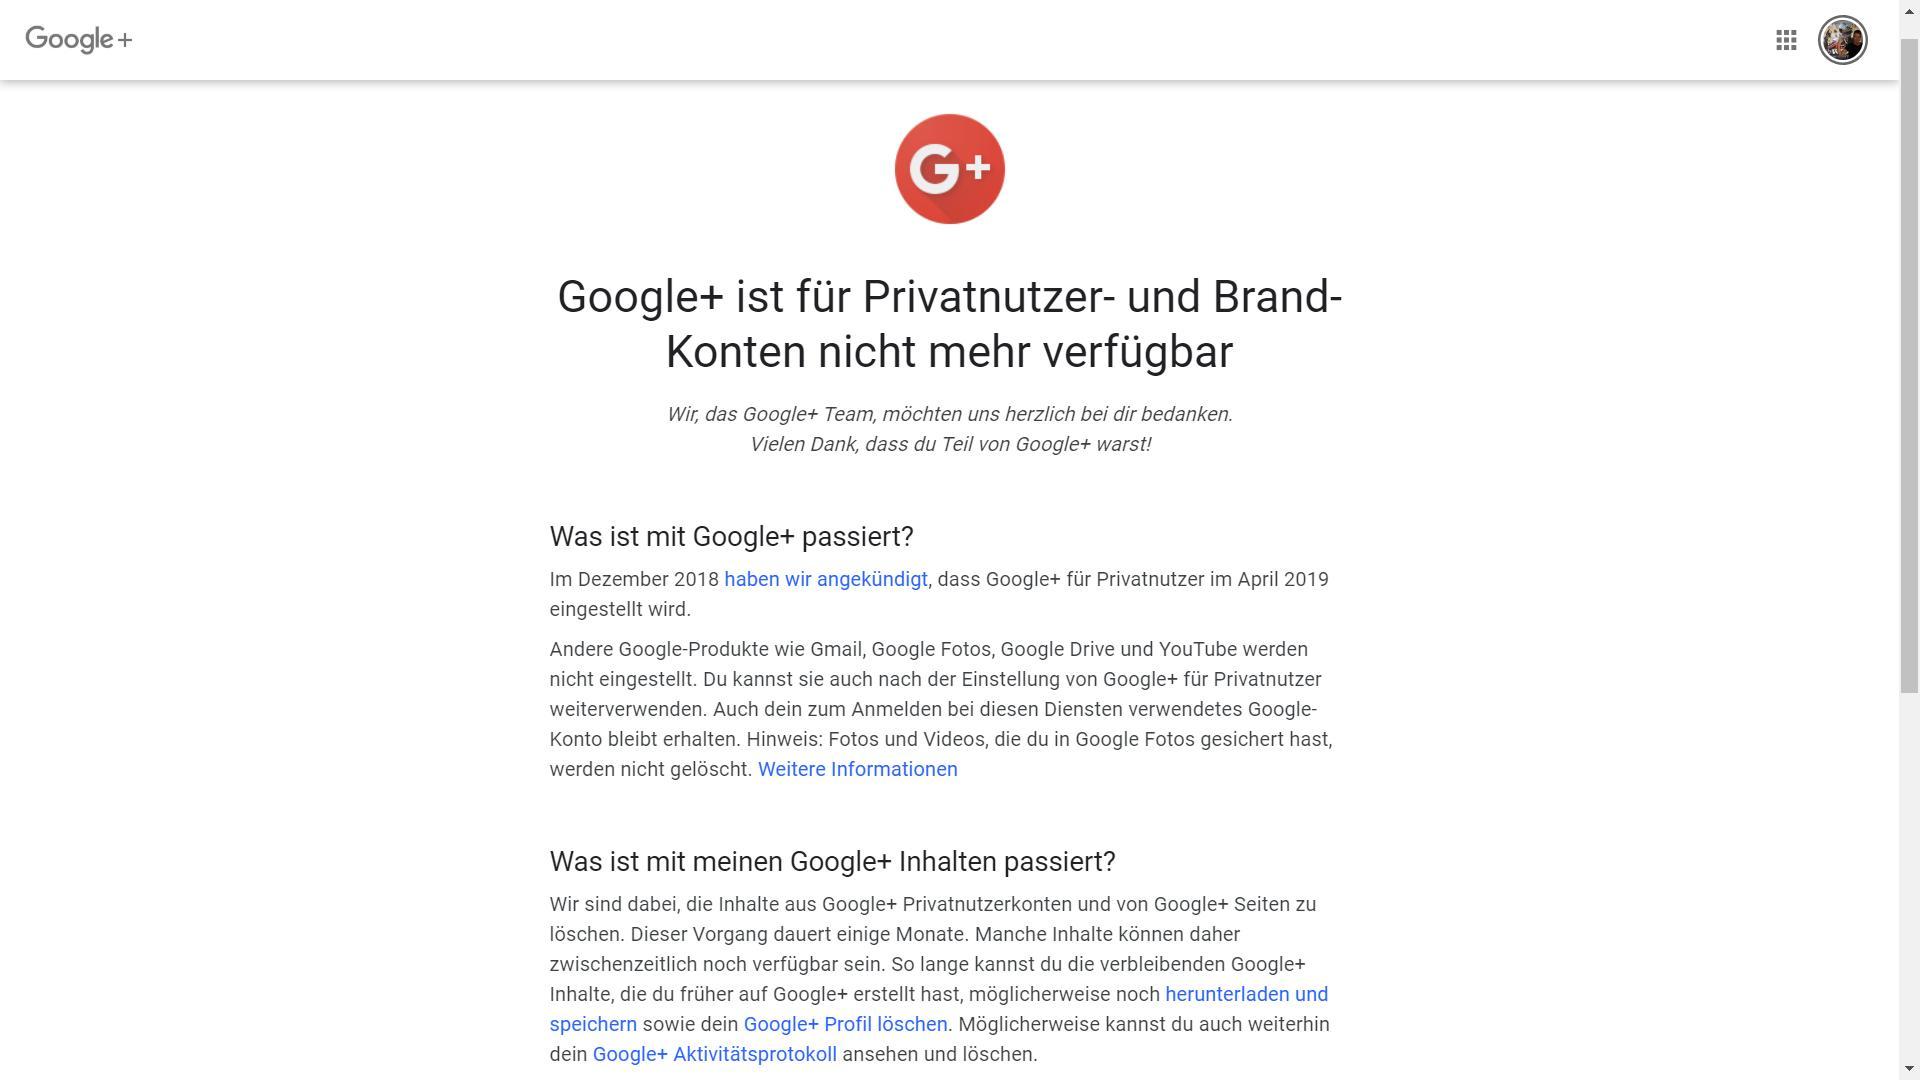 googleplus eingestellt